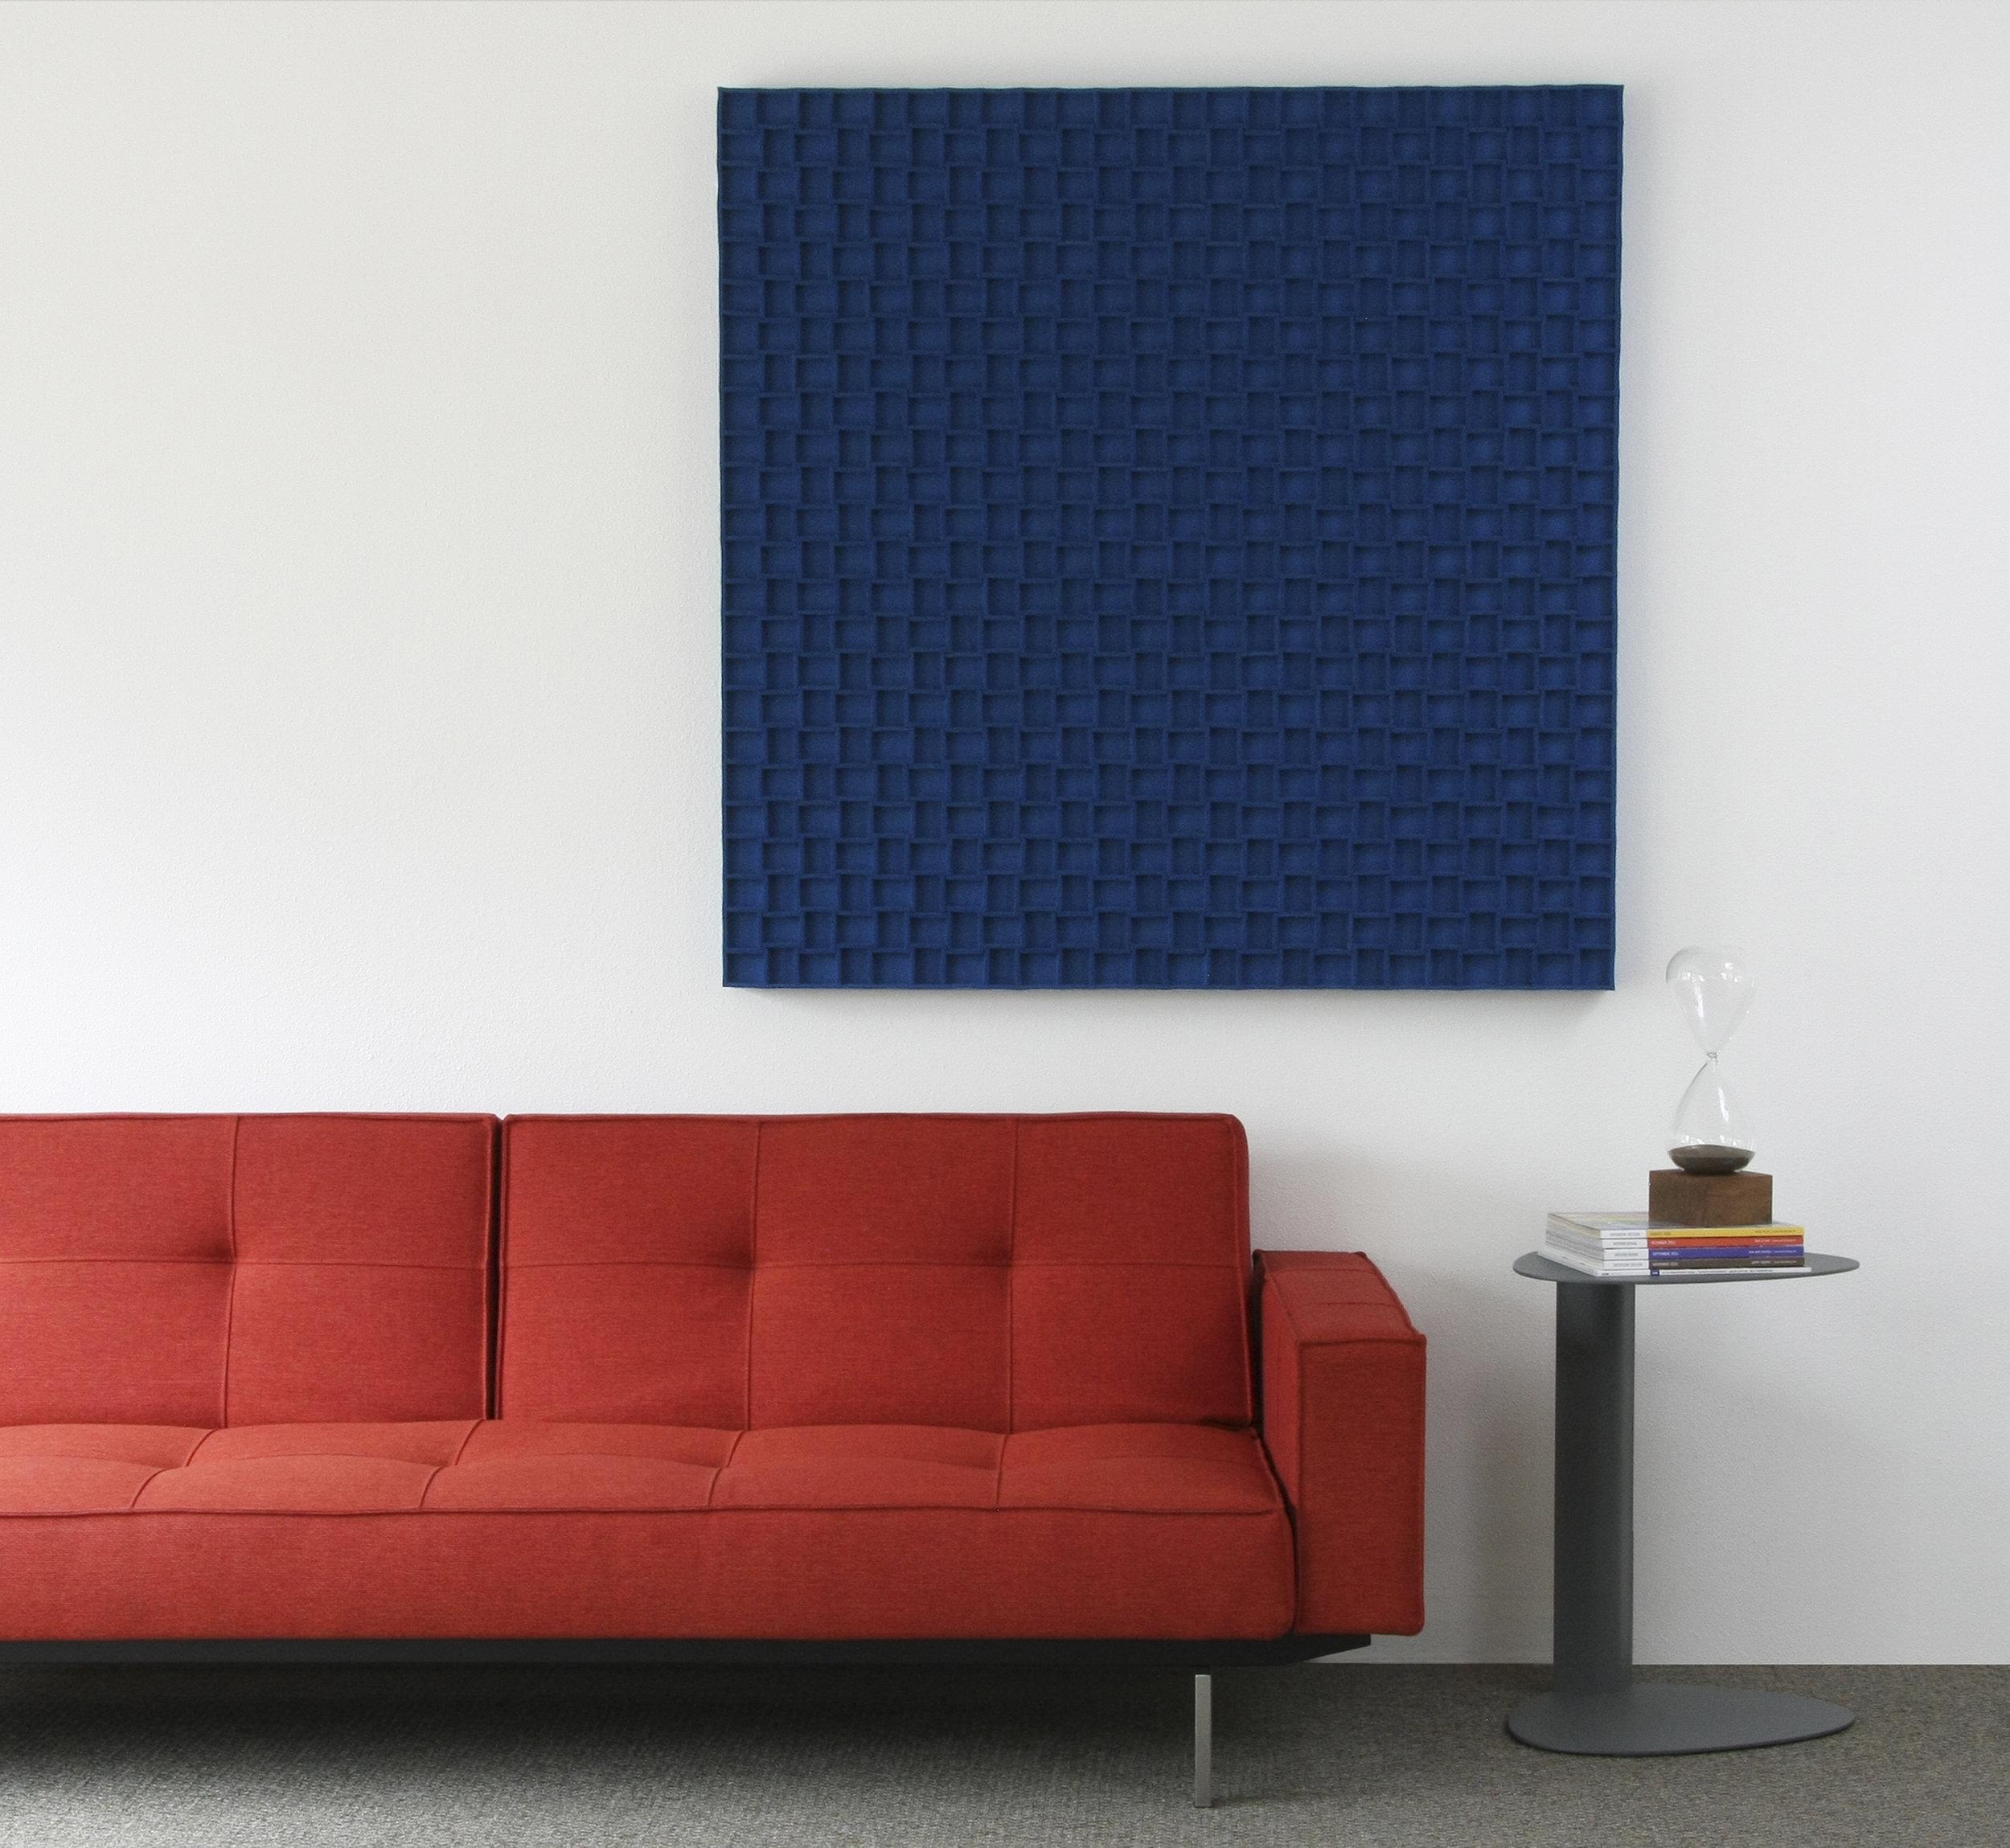 067 Wall Panels -